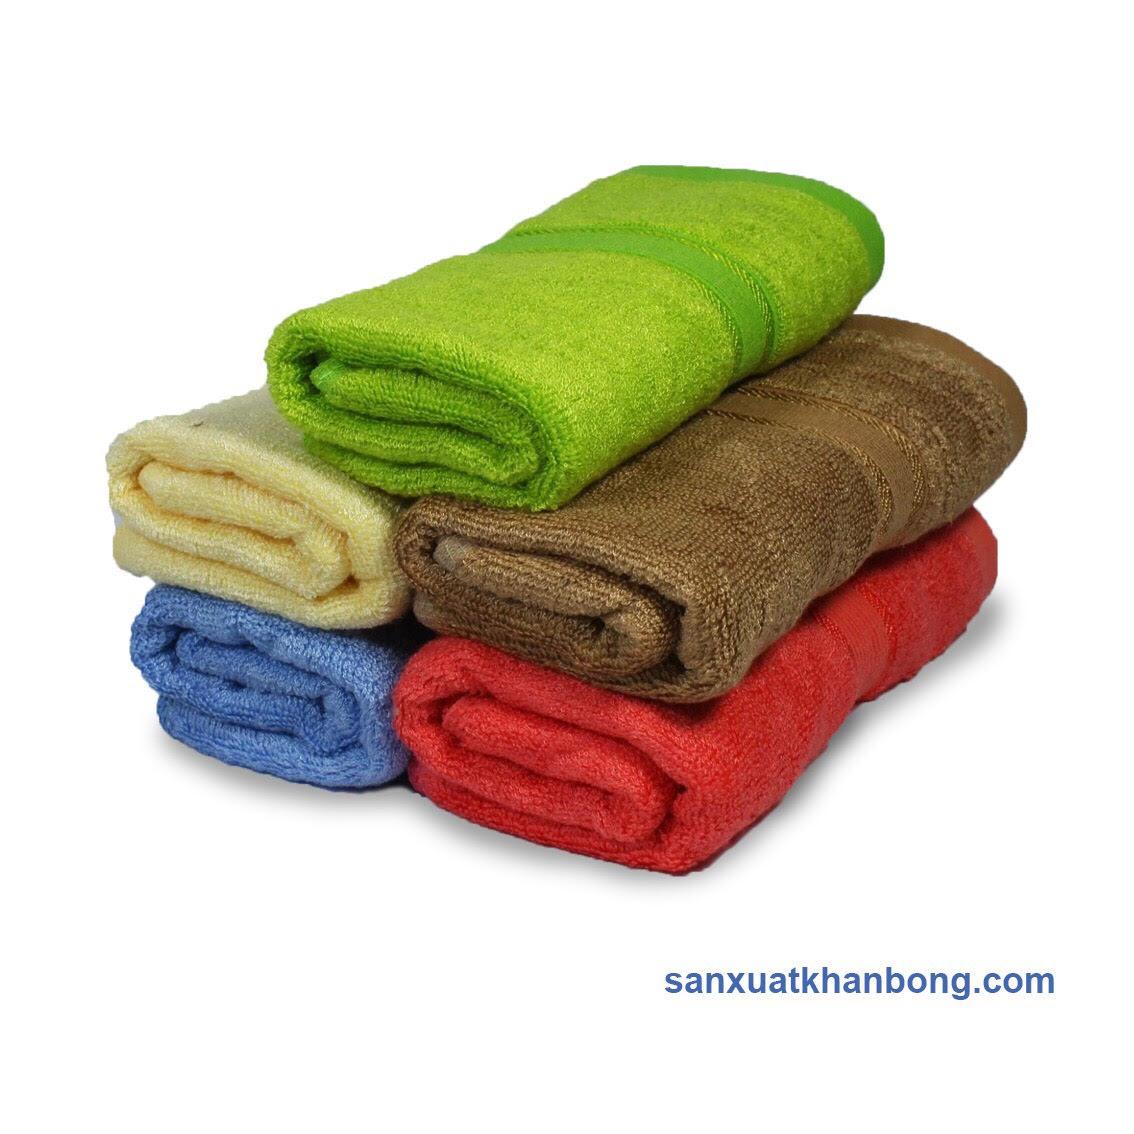 công ty sản xuất khăn bông Tuấn Anh